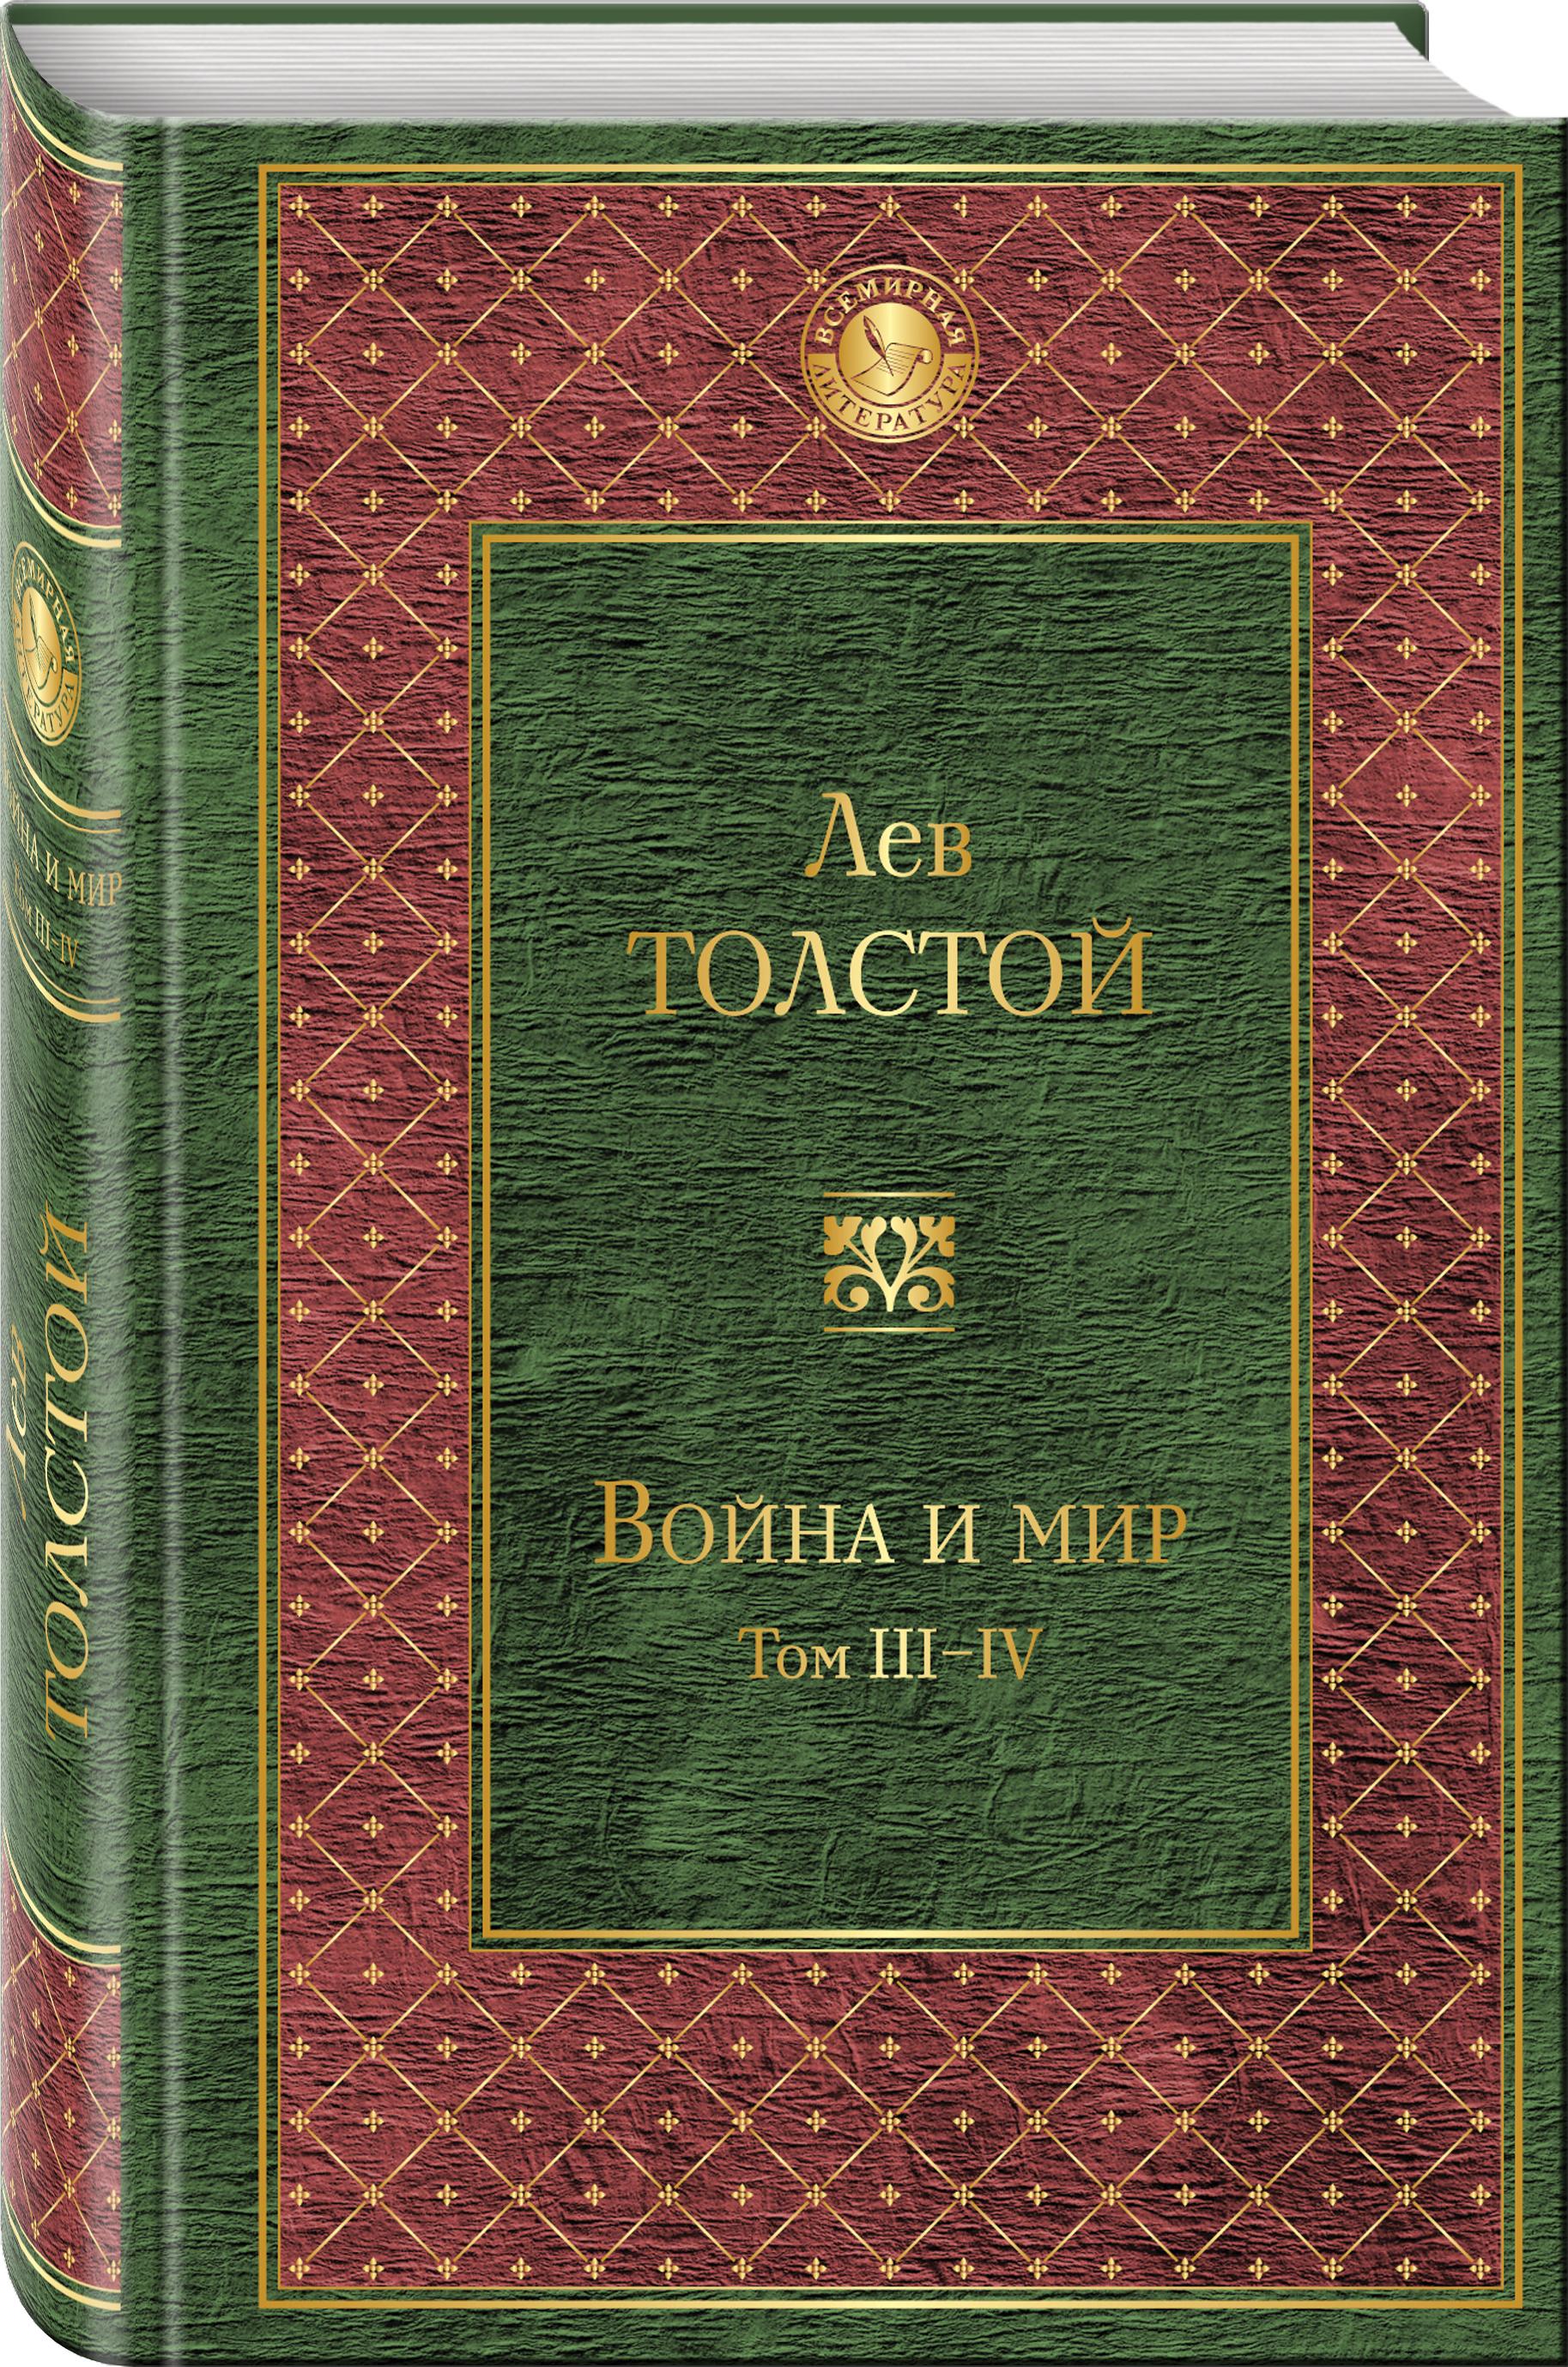 Толстой Лев Николаевич Война и мир. Том III-IV лев толстой война и мир тома 1 и 2 в сокращении